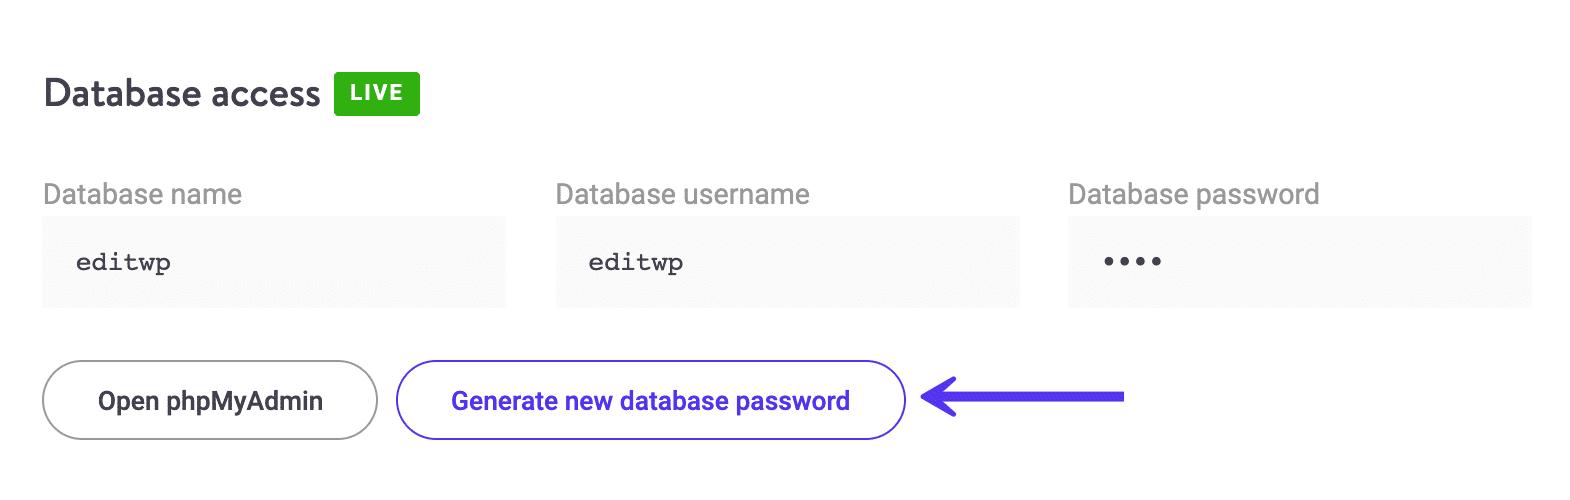 Générer un nouveau mot de passe de base de données